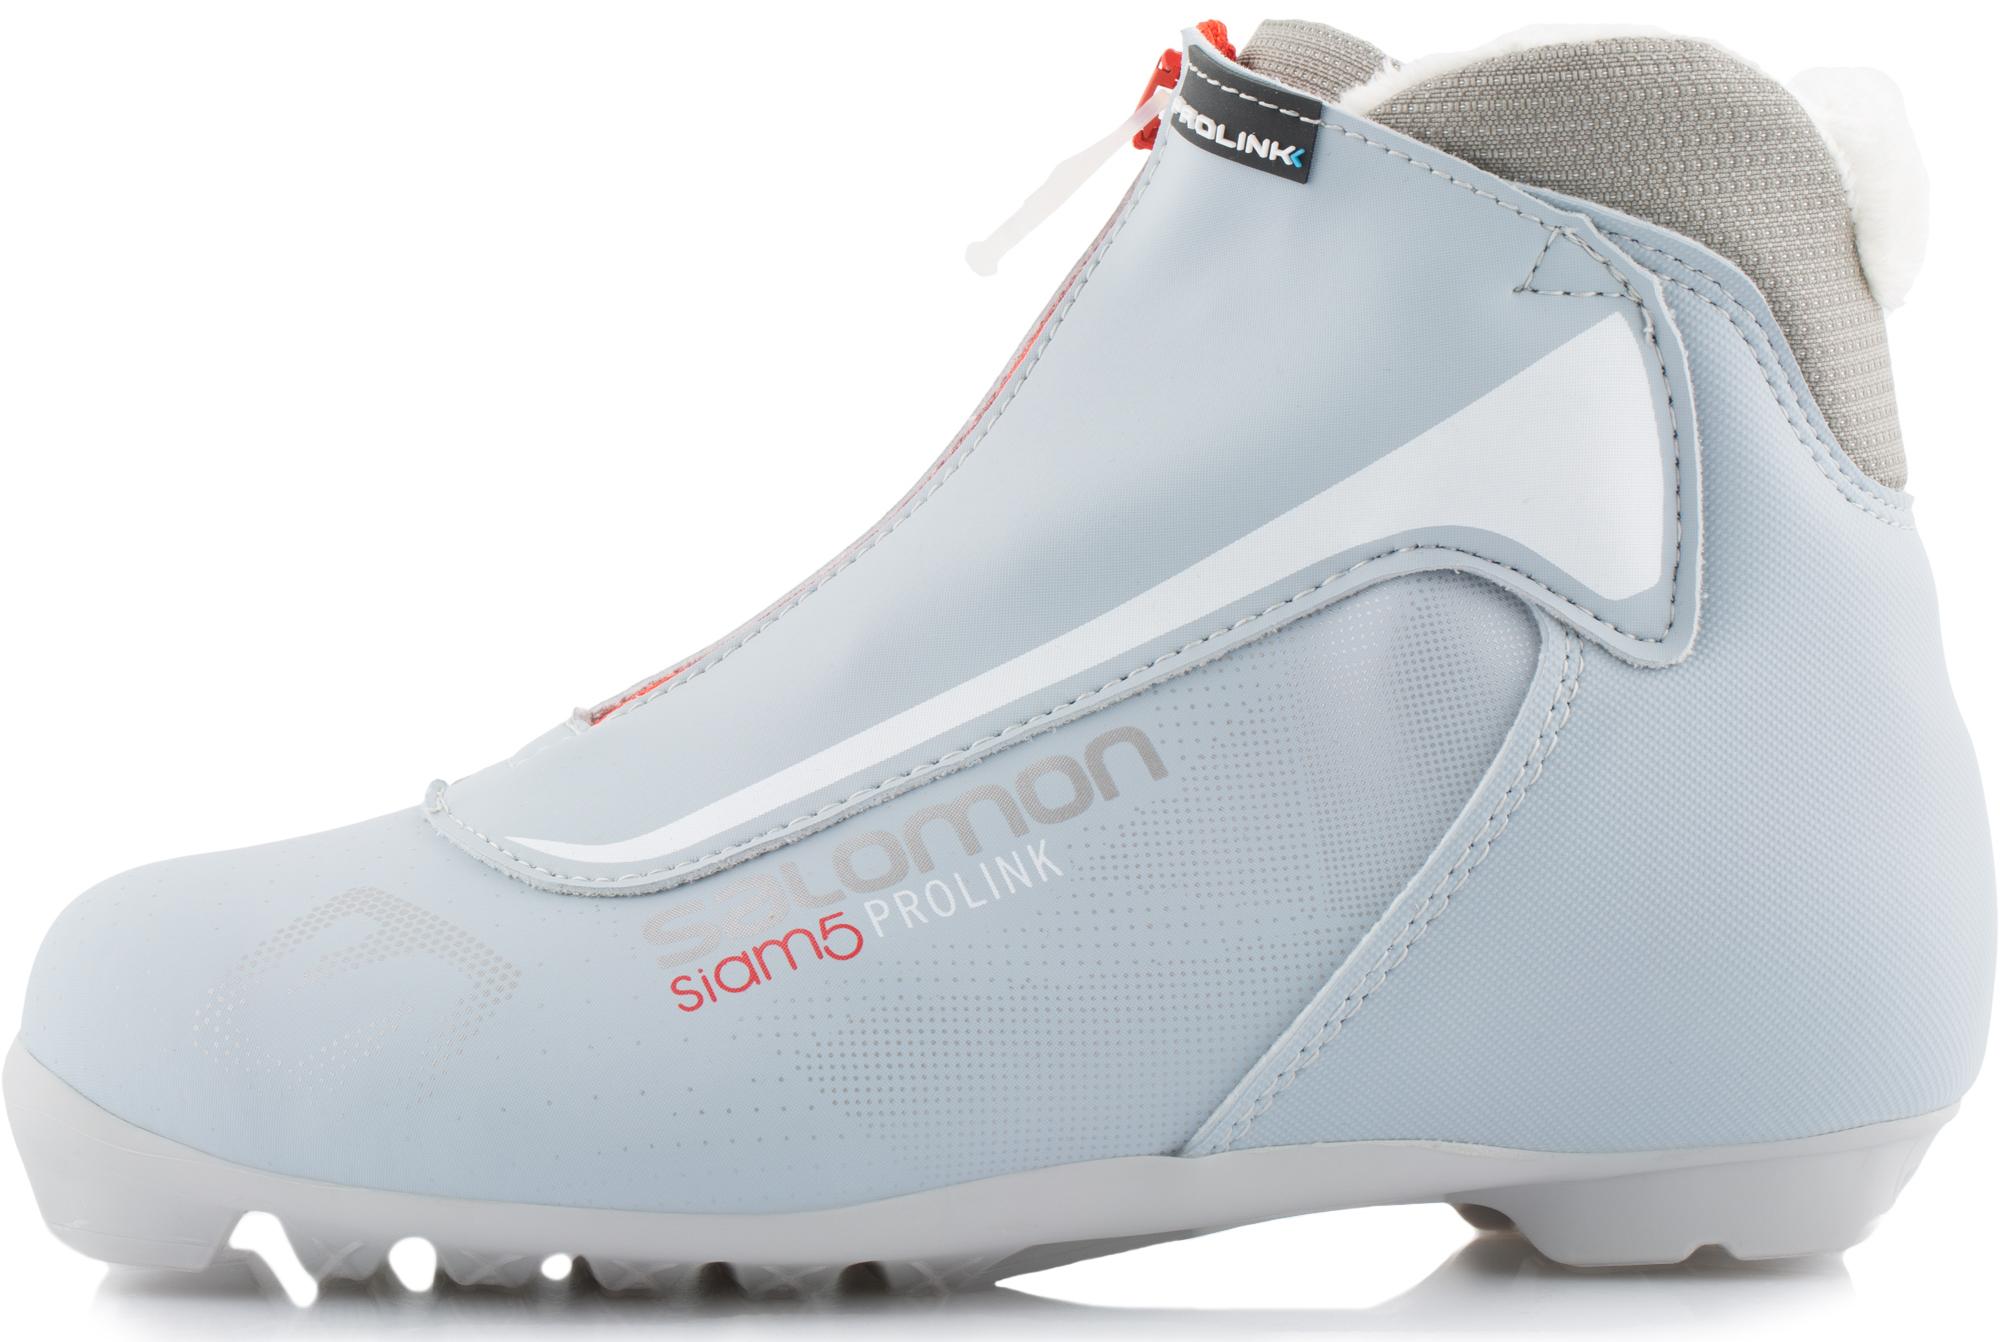 Salomon Ботинки для беговых лыж женские Salomon Siam 5 Prolink, размер 40 salomon ботинки для беговых лыж женские salomon siam 7 prolink